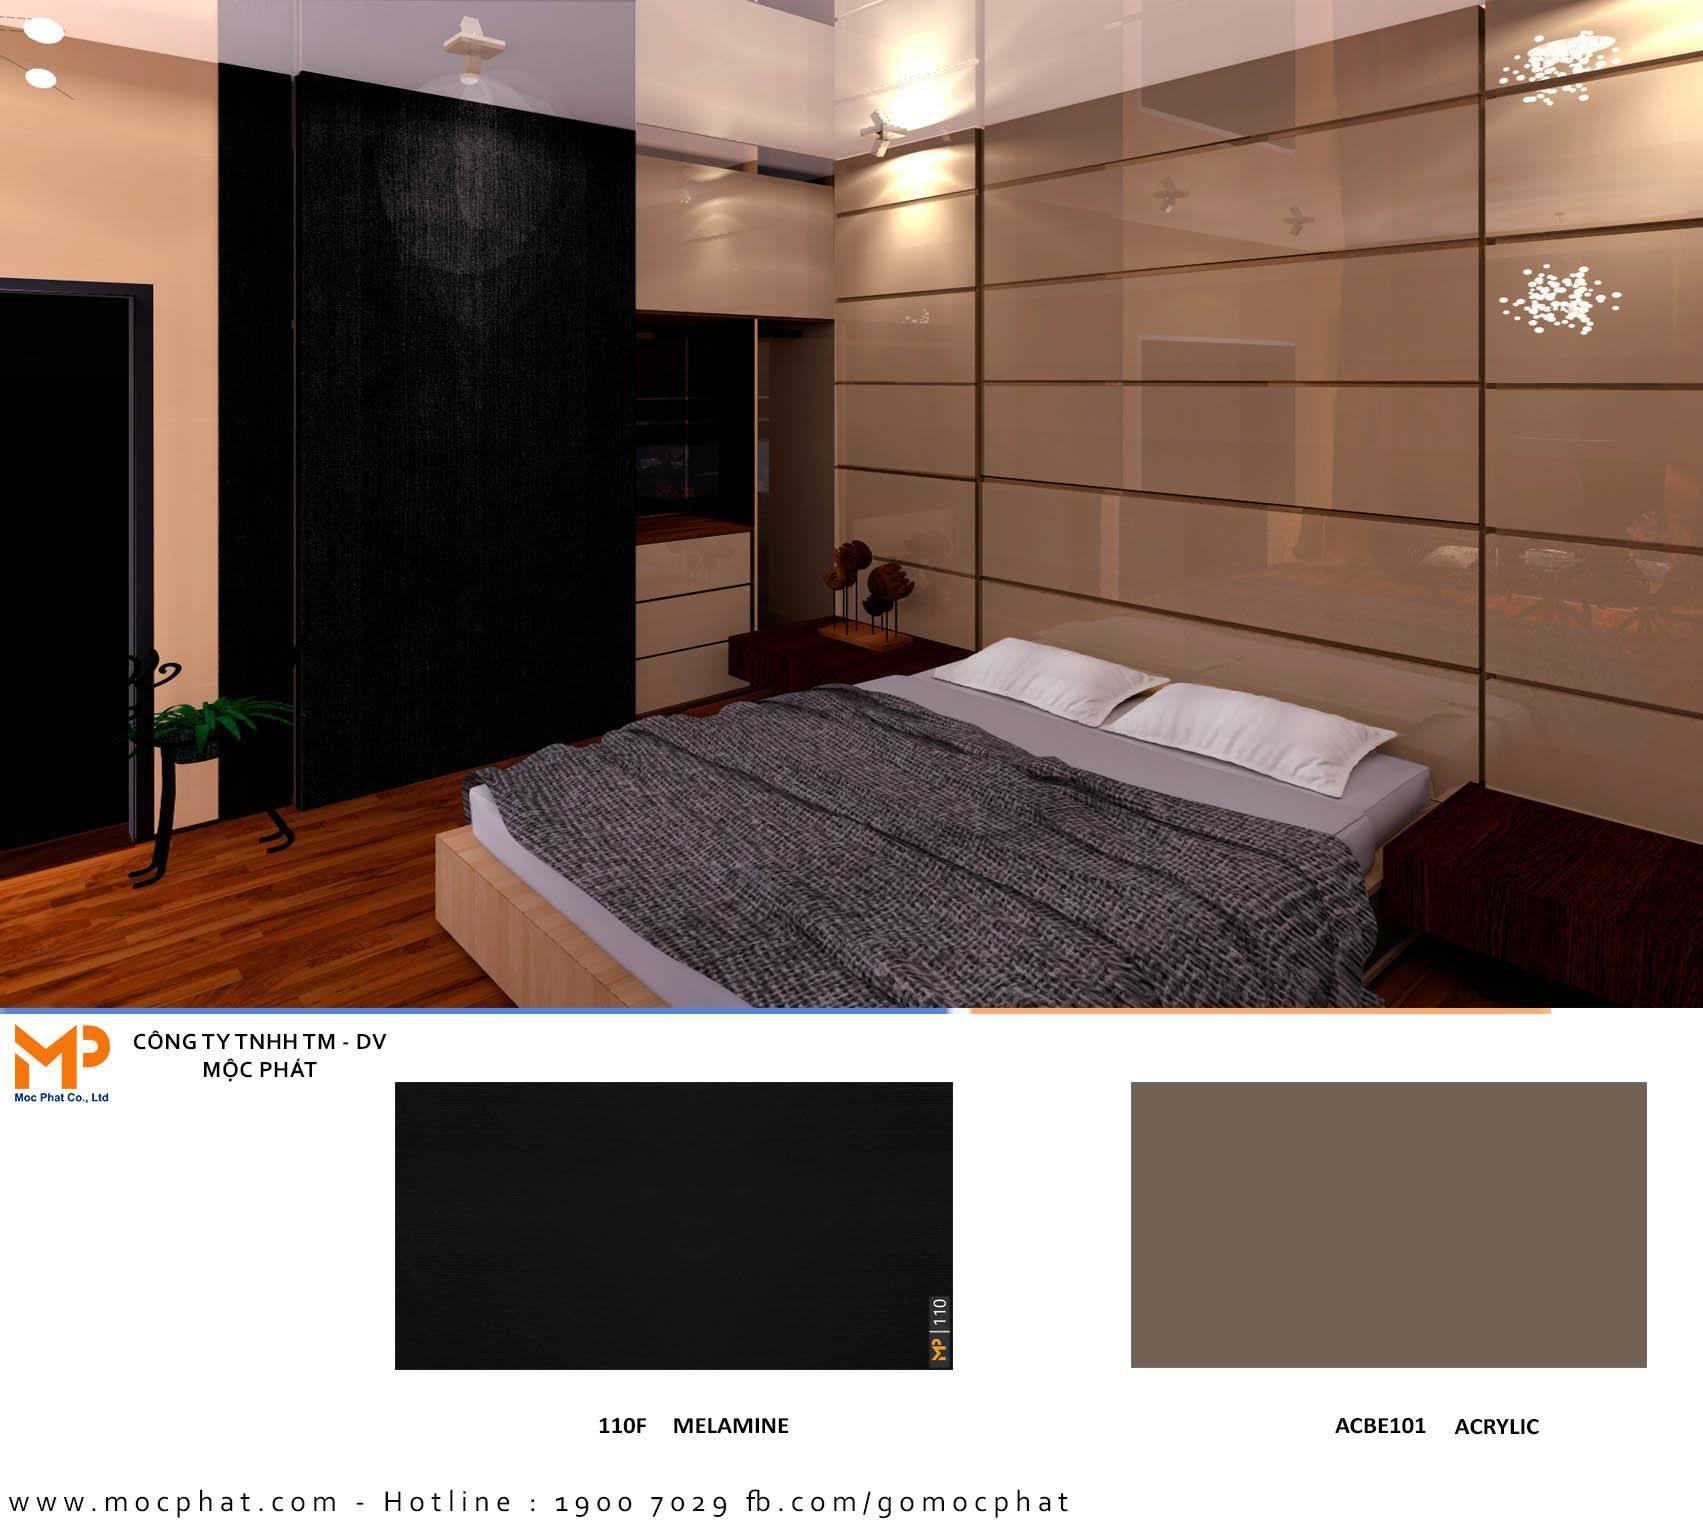 Acrylic phòng ngủ 1